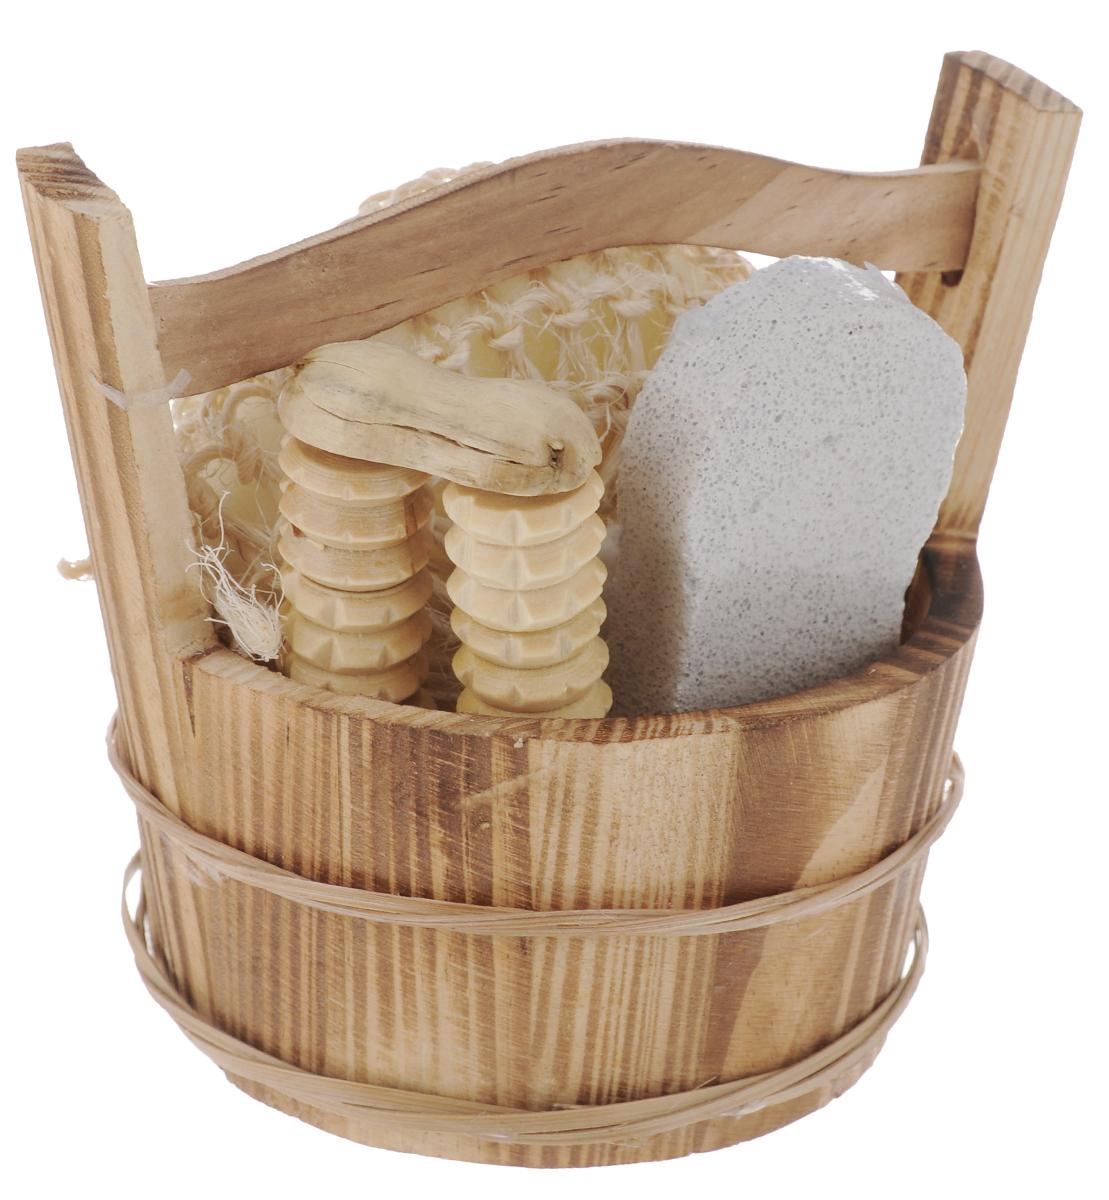 Набор для ванной и бани Феникс-Презент Нежное прикосновение, 4 предмета40641Набор для ванной и бани Феникс-презент Нежное прикосновение включает: - мочалка для купания из сизаля, - пемза для ухода за кожей, - массажный ролик из древесины павловнии, - лохань из древесины тополя. Такой мини-набор станет не заменимым и сделает банную процедуру еще более комфортной и расслабляющей. Диаметр мочалки из сизаля: 9,5 см. Размер лохани: 13,2 х 9,6 х 12,1 см. Размер пемзы: 9,5 х 4,5 х 1,6 см. Размер массажного ролика: 9 х 4,2 х 1,7 см.